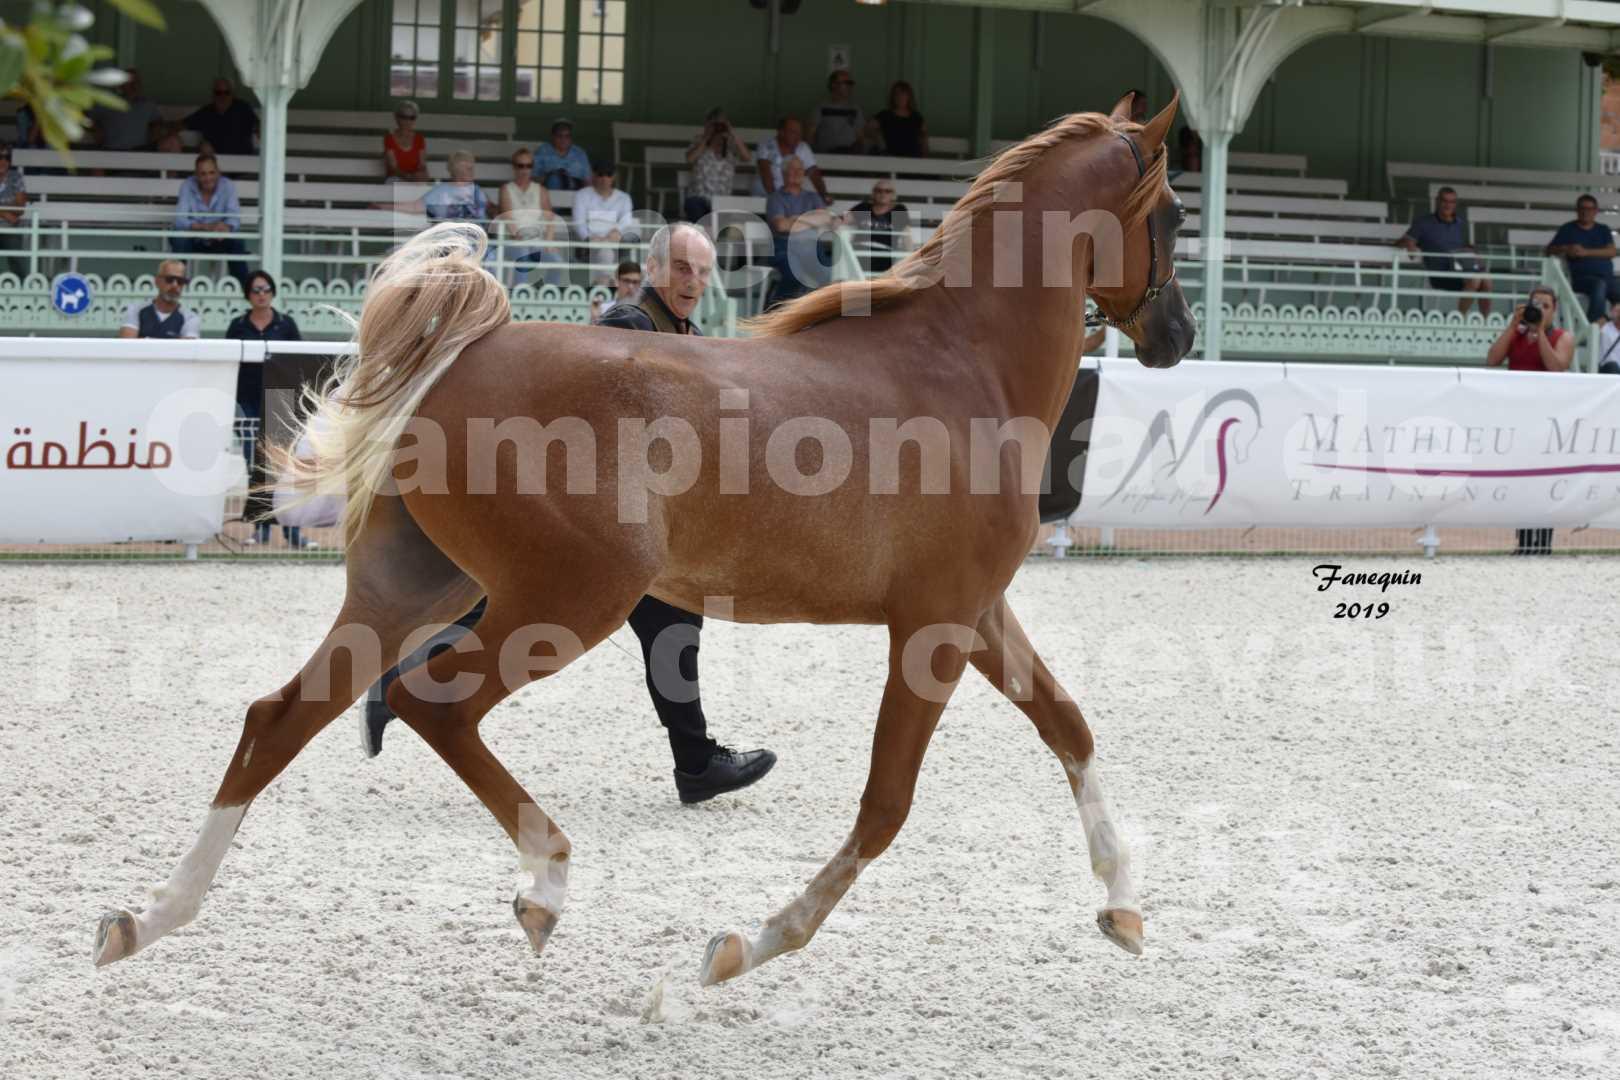 Championnat de France des chevaux Arabes en 2019 à VICHY - NILMANI SH - 4